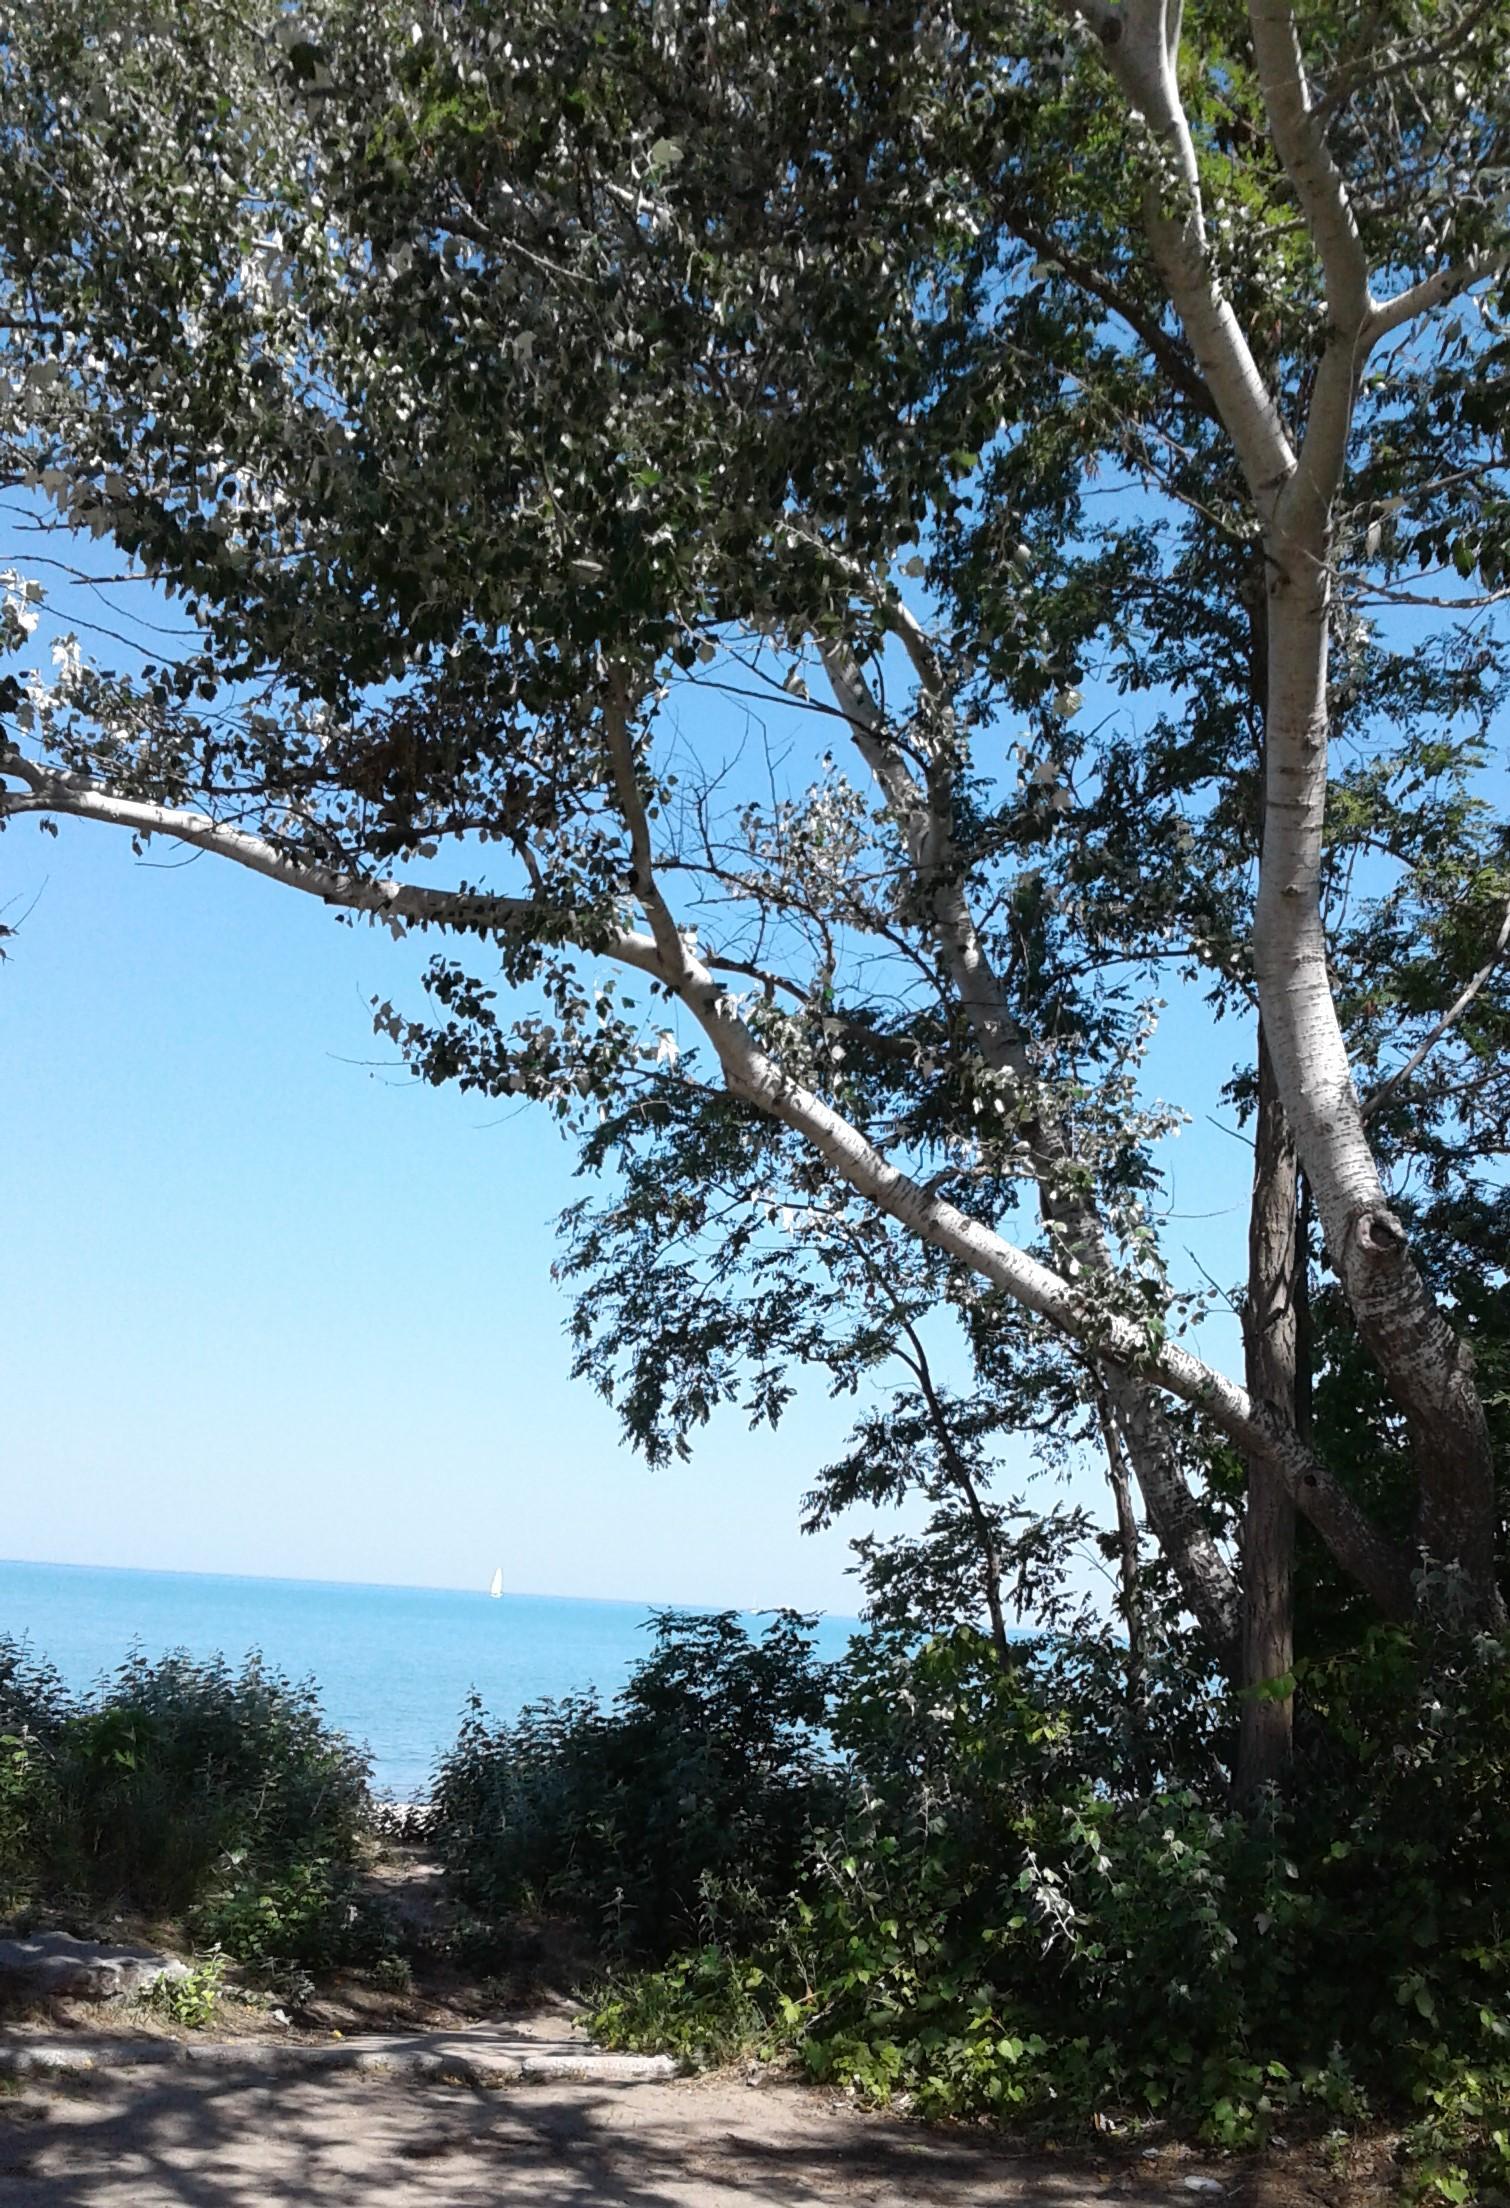 Canatara Park - Birch tree